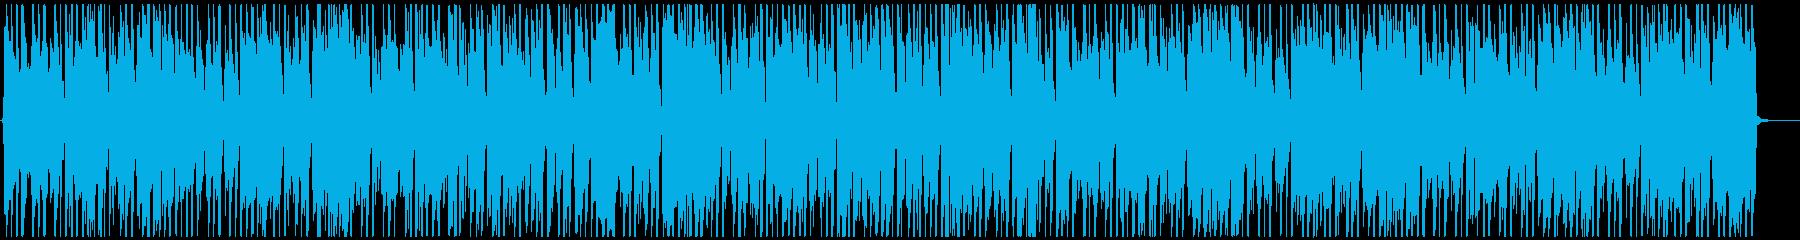 ほのぼのレゲエでほっこり の再生済みの波形